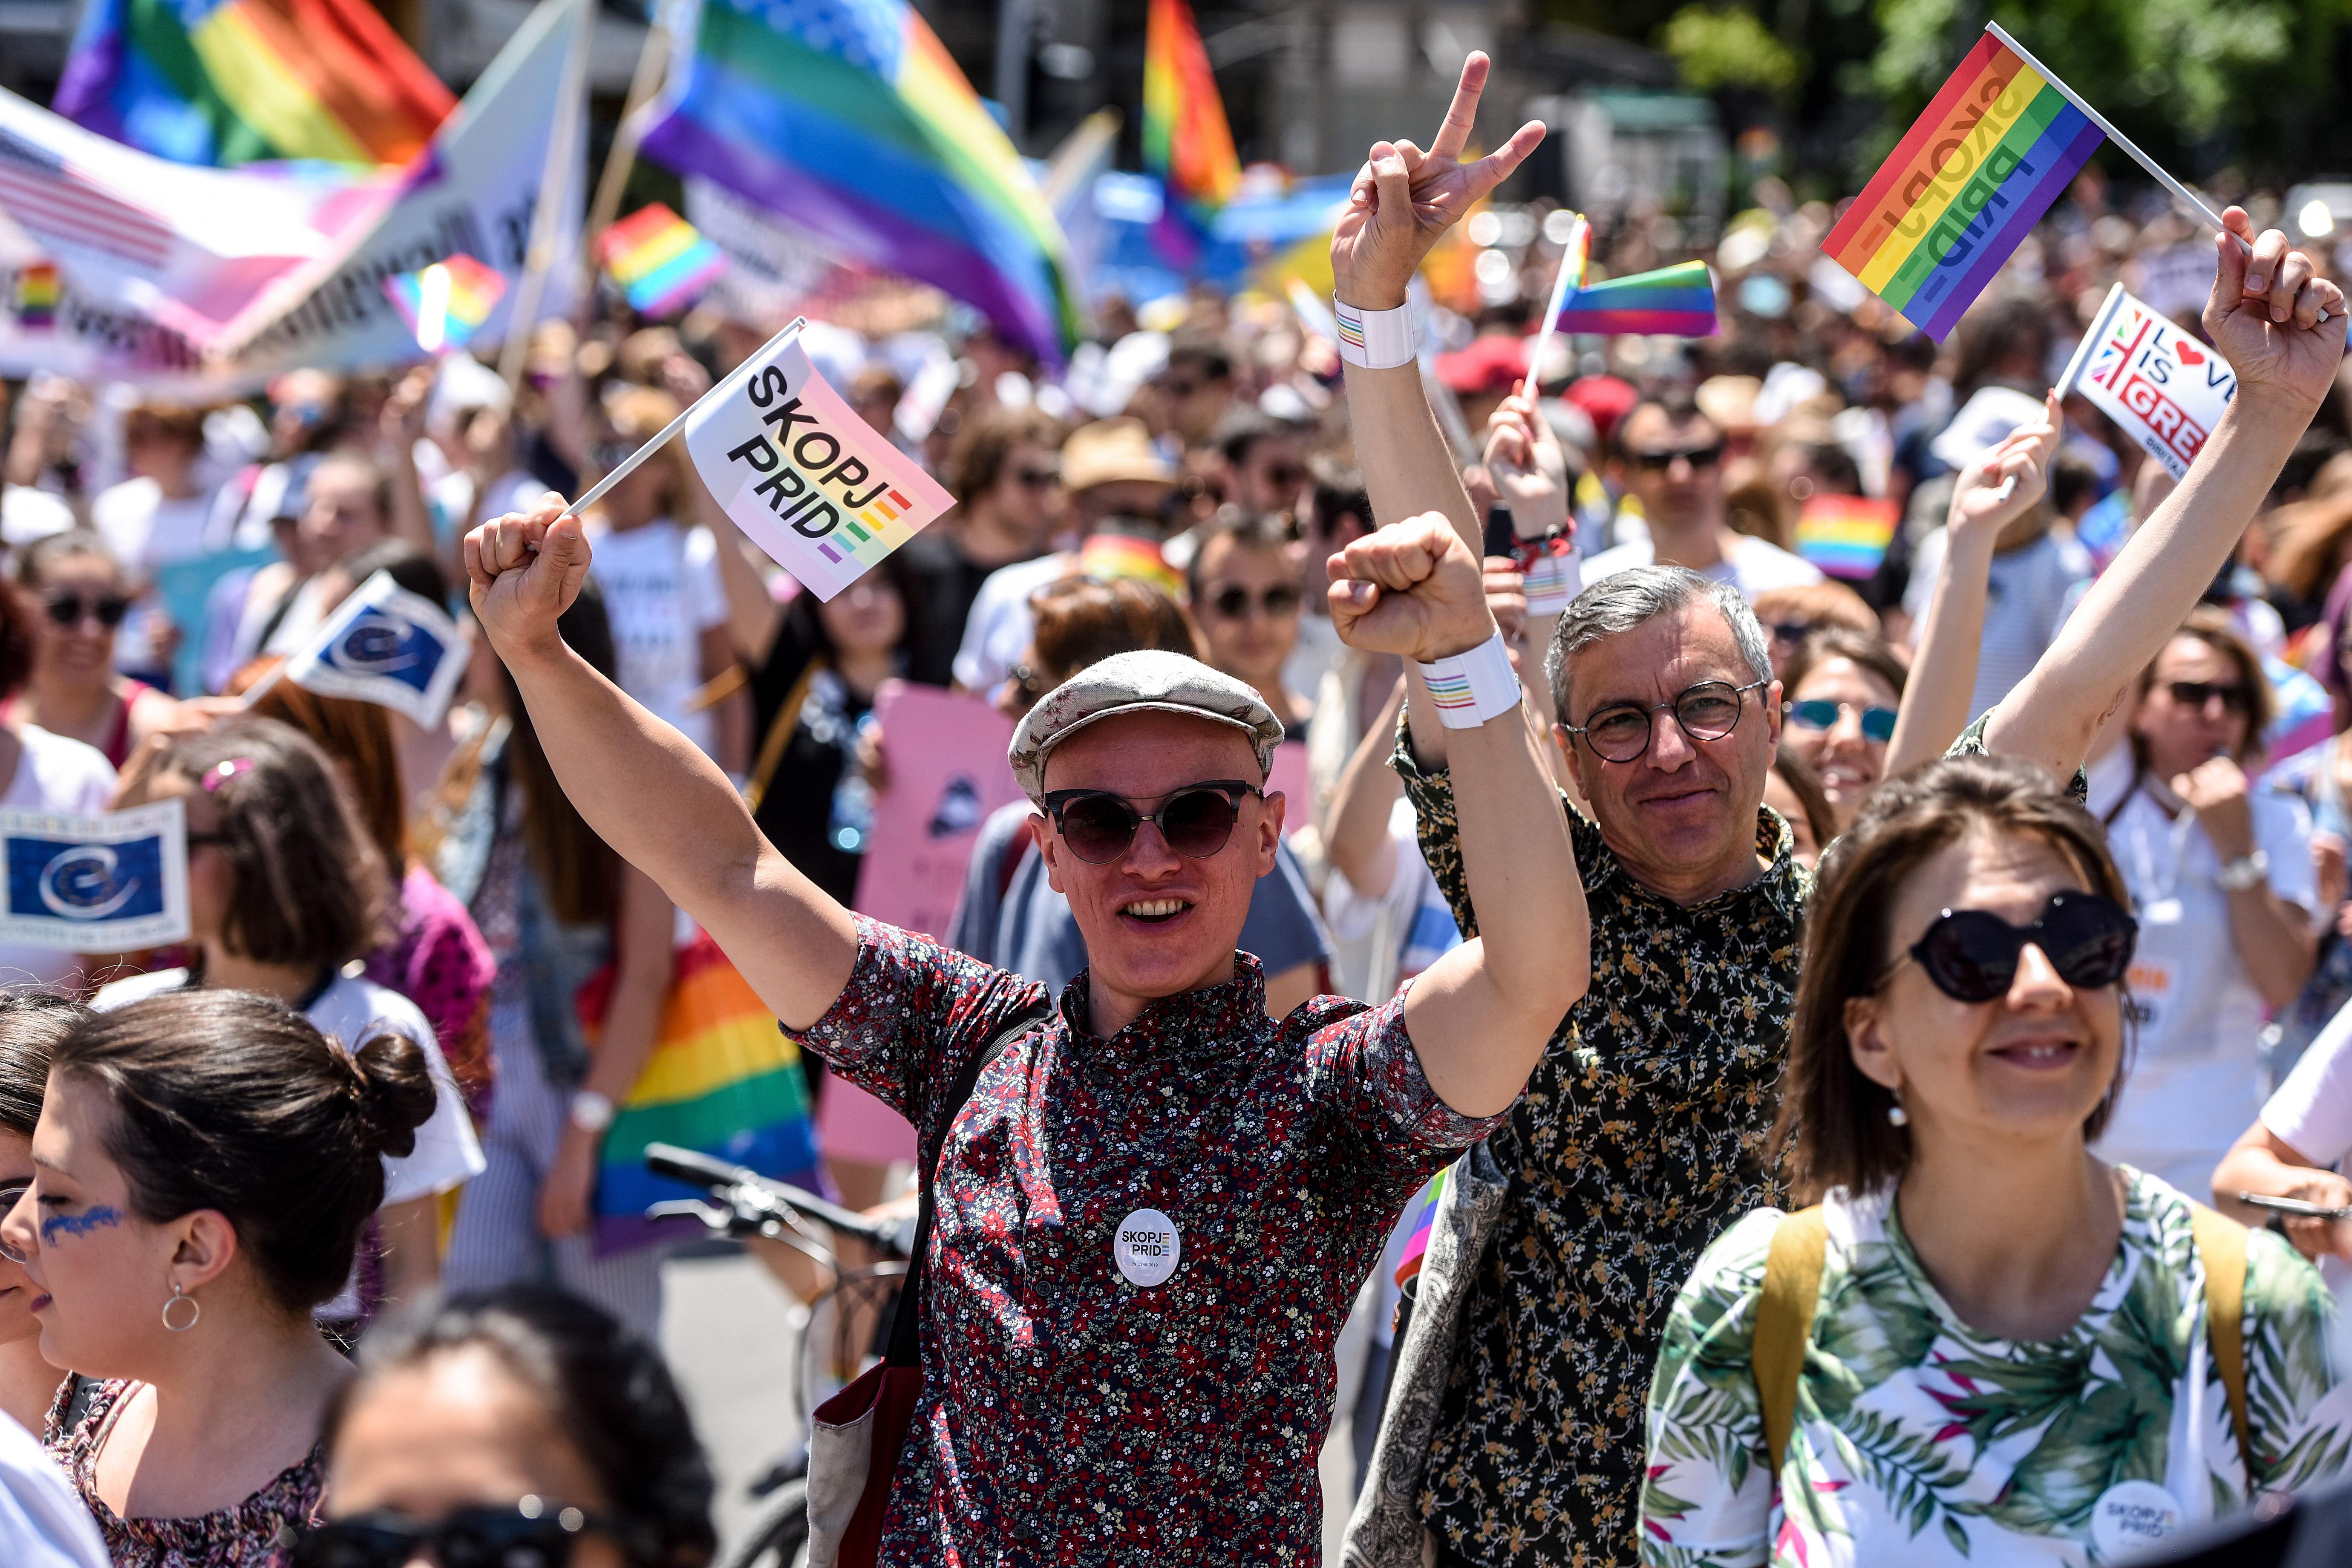 Először tartottak Pride-felvonulást Szkopjében